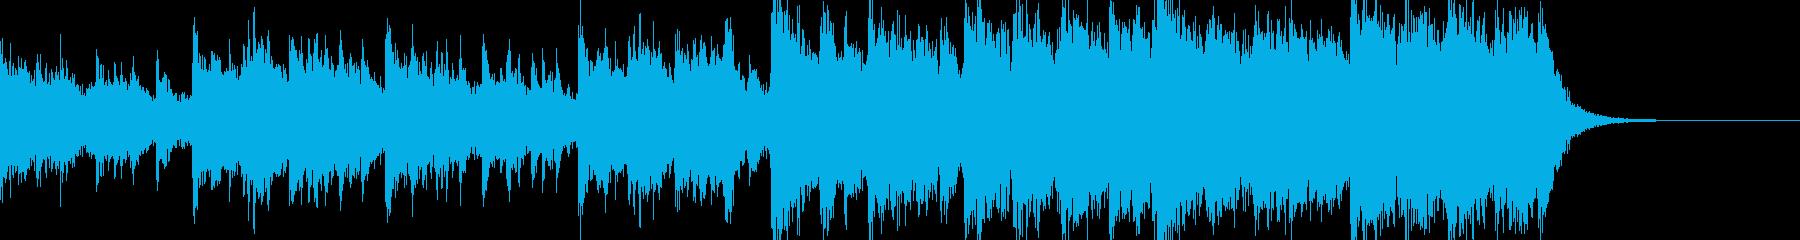 トレーラー映像などに使えそうなBGMの再生済みの波形